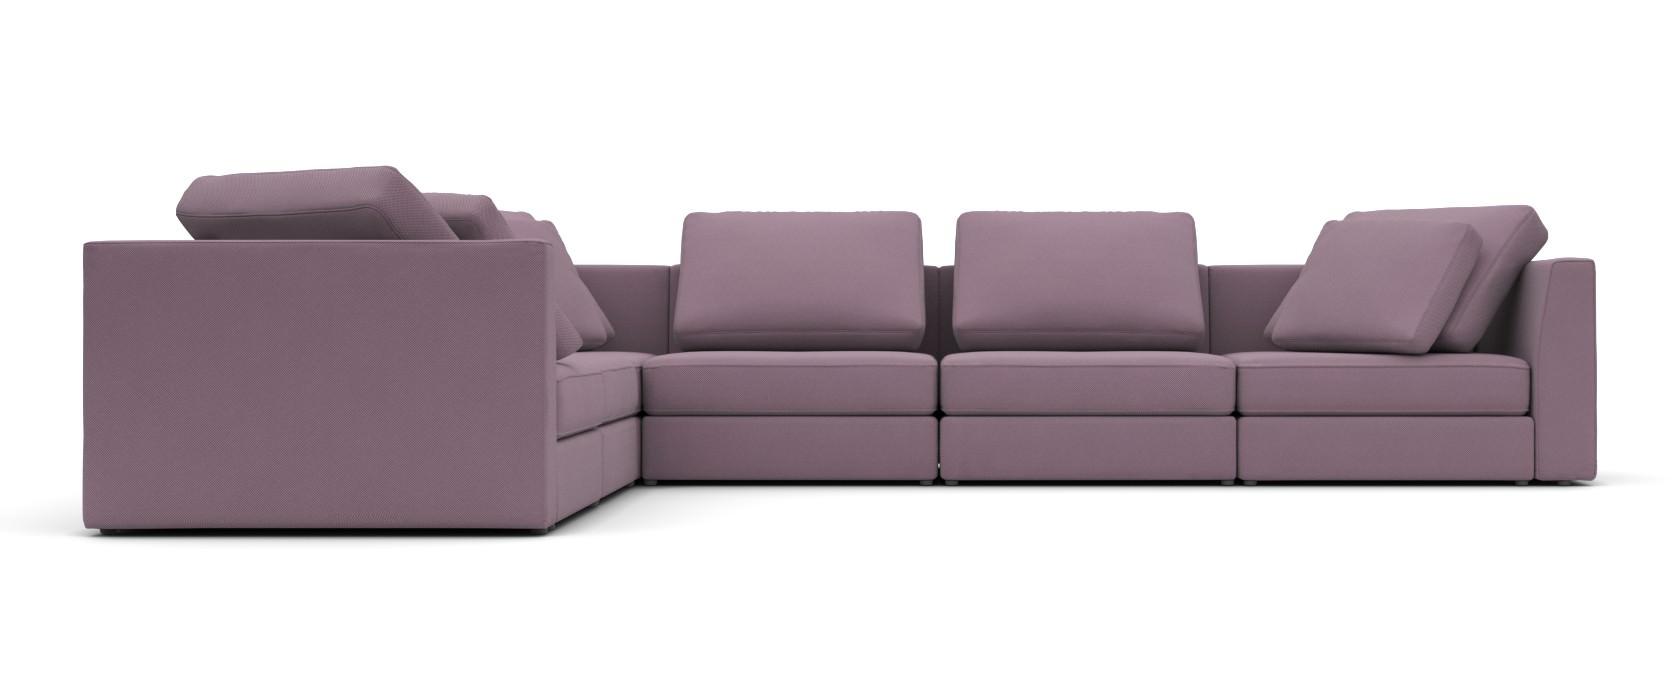 Модульный диван Lisboa 396x306 - Pufetto